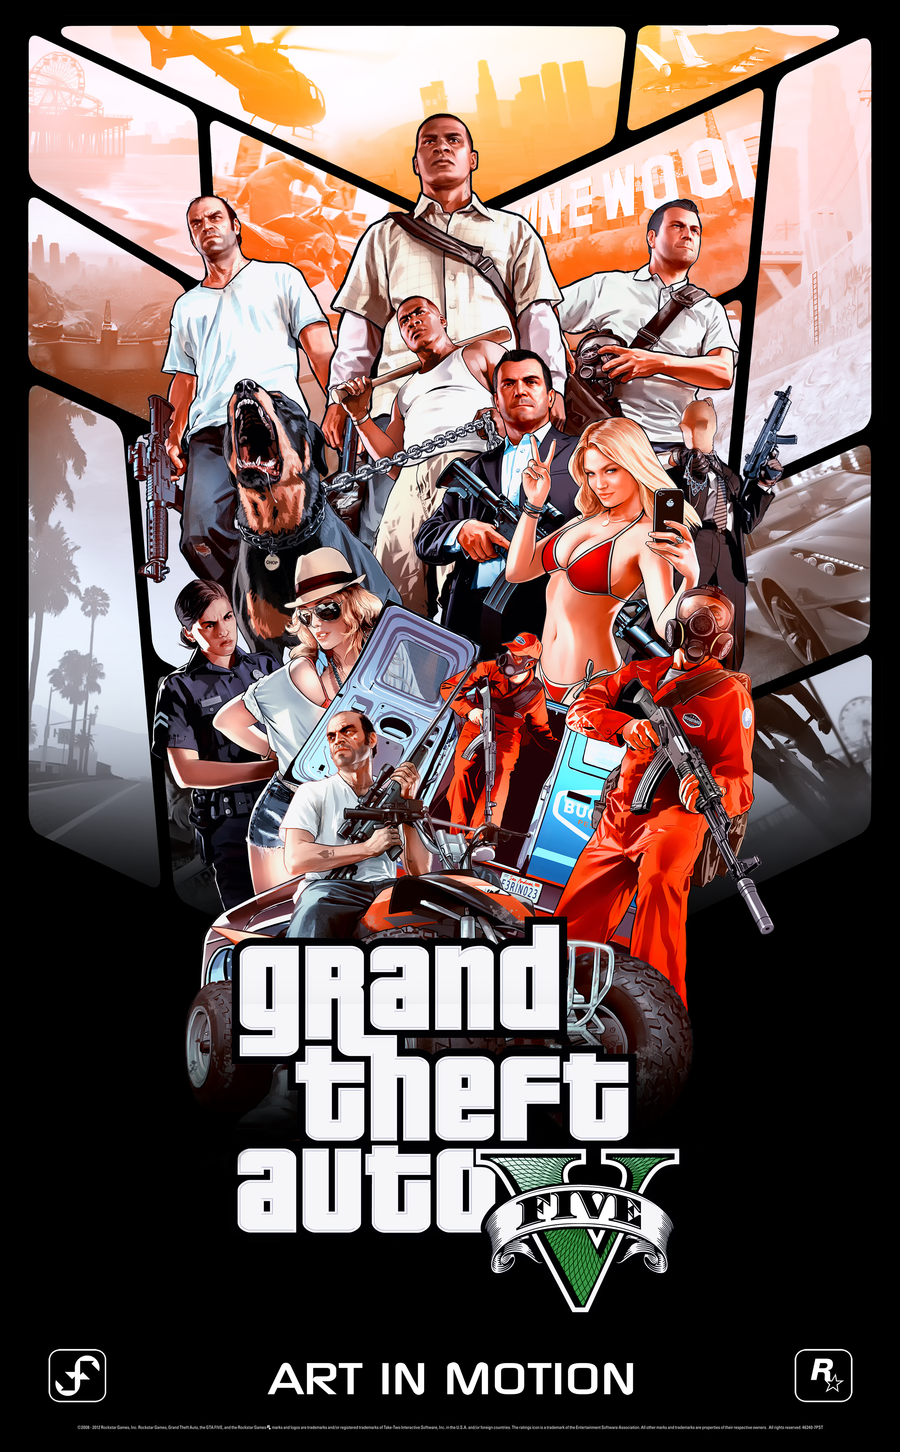 фан арт ))) - Grand Theft Auto 5